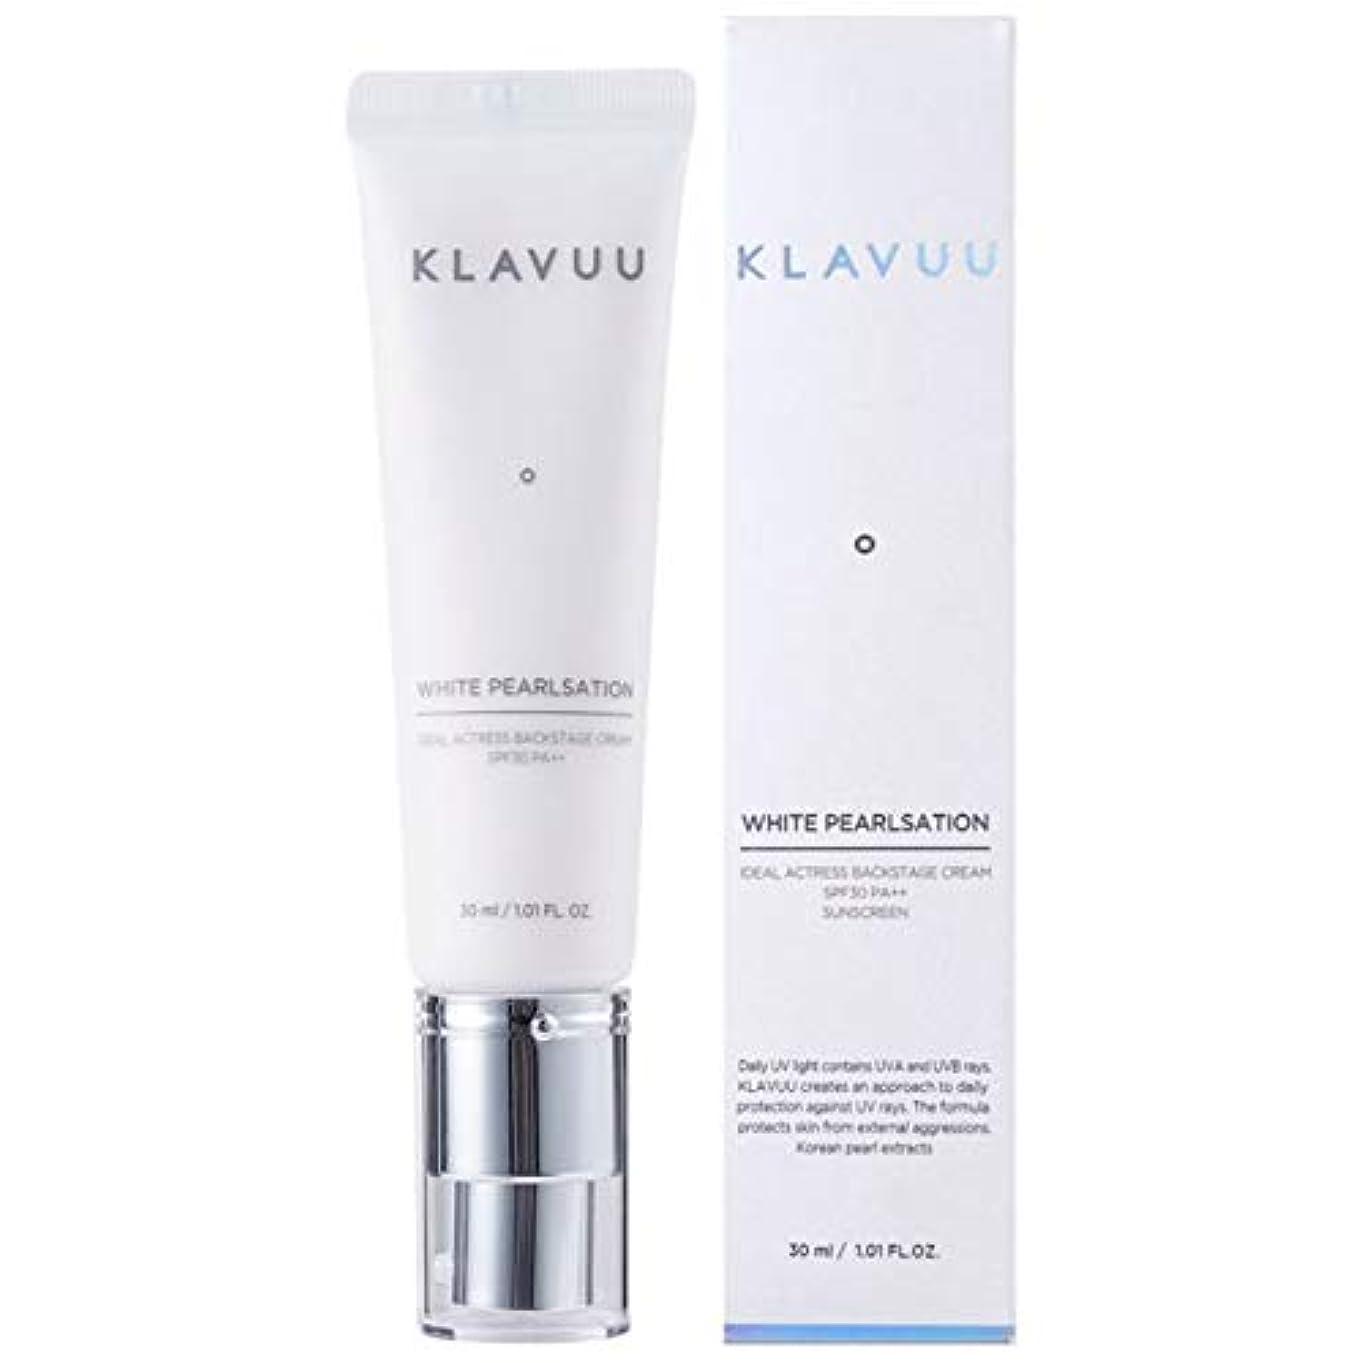 圧縮玉ねぎ論理KLAVUU クラビューホワイトファルセーションアイデアルアクトレスバックステージクリーム 女優クリーム #1 Original(Rose) 30ml, SPF30 PA++, WHITE PEARLSATION Ideal...